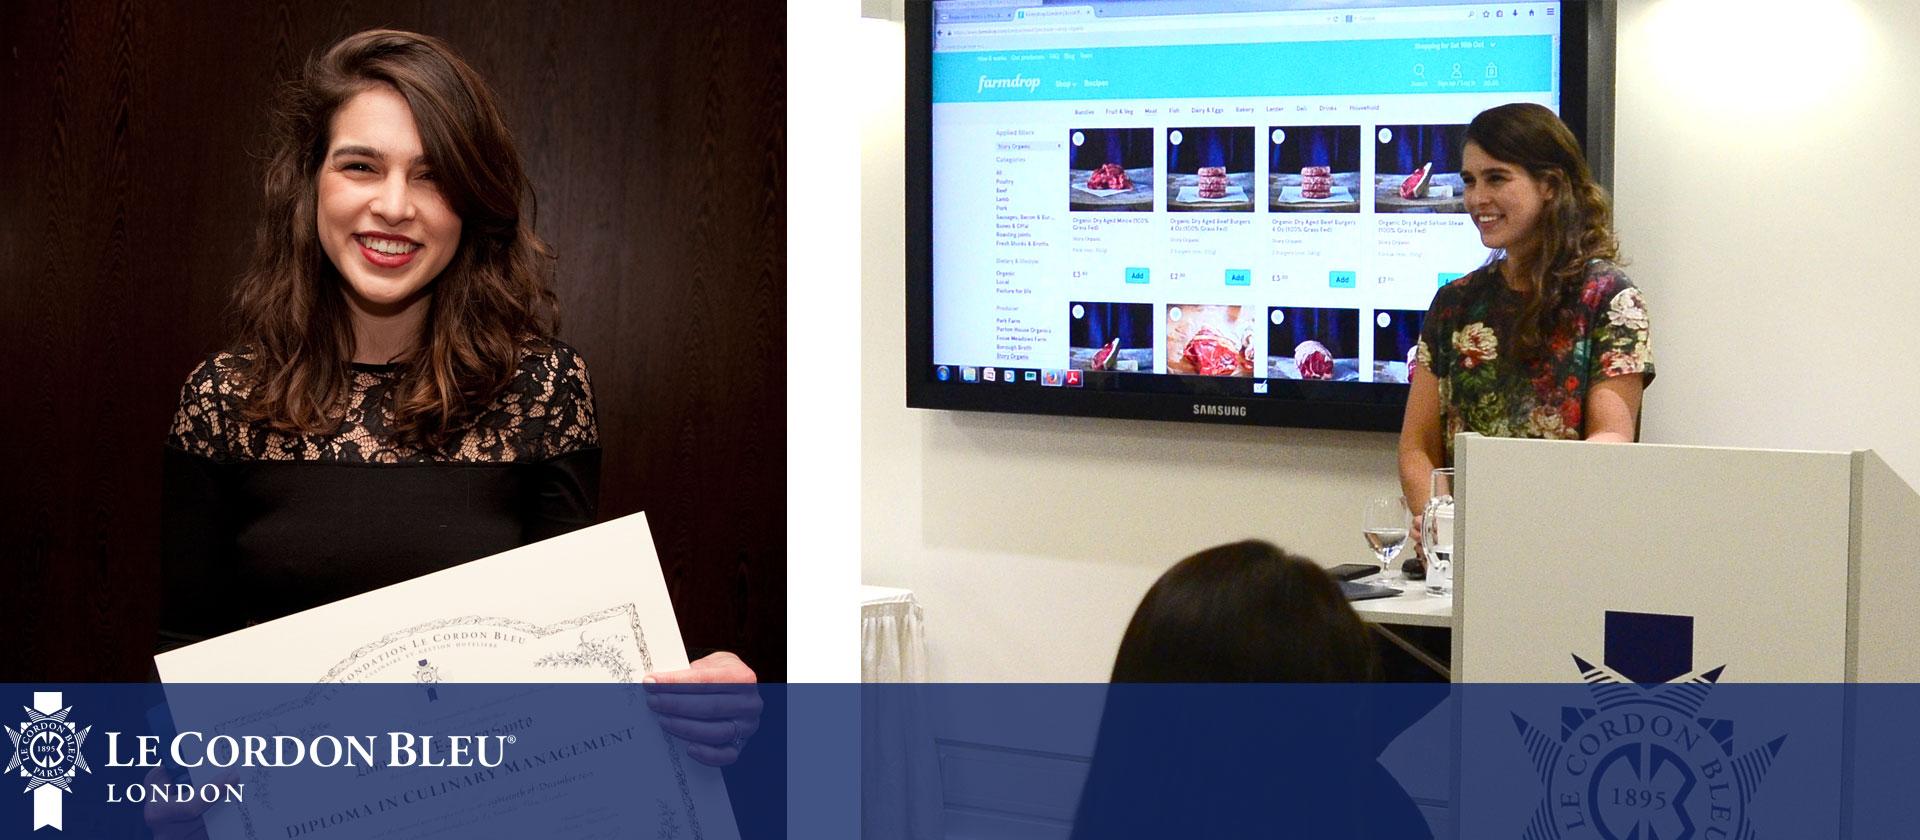 Alumna Lara Espirito Santo visits Le Cordon Bleu London